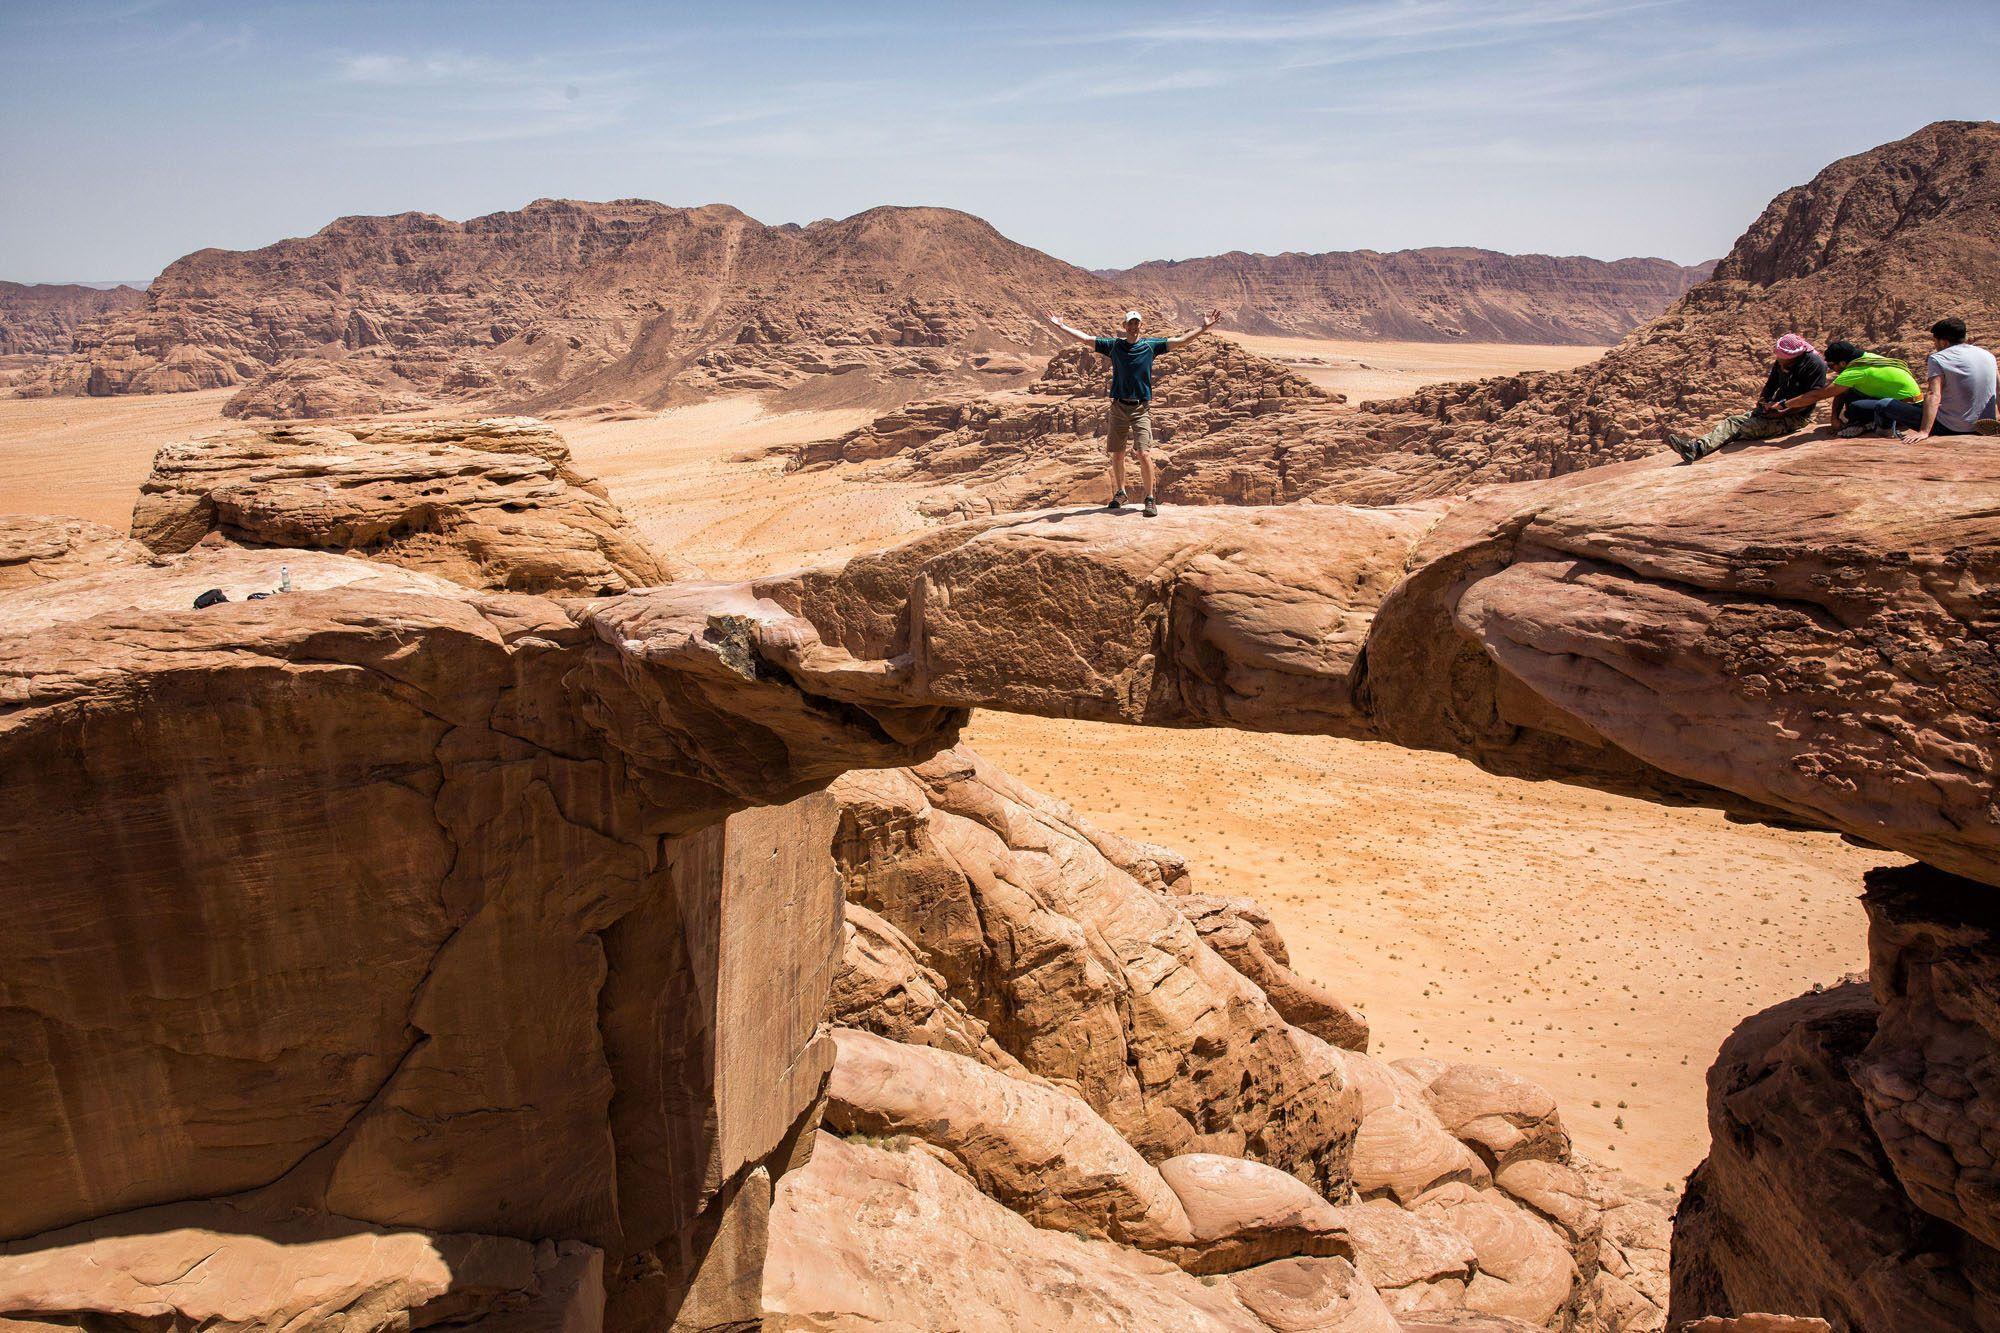 11:00 - 15:00 Wadi Rum